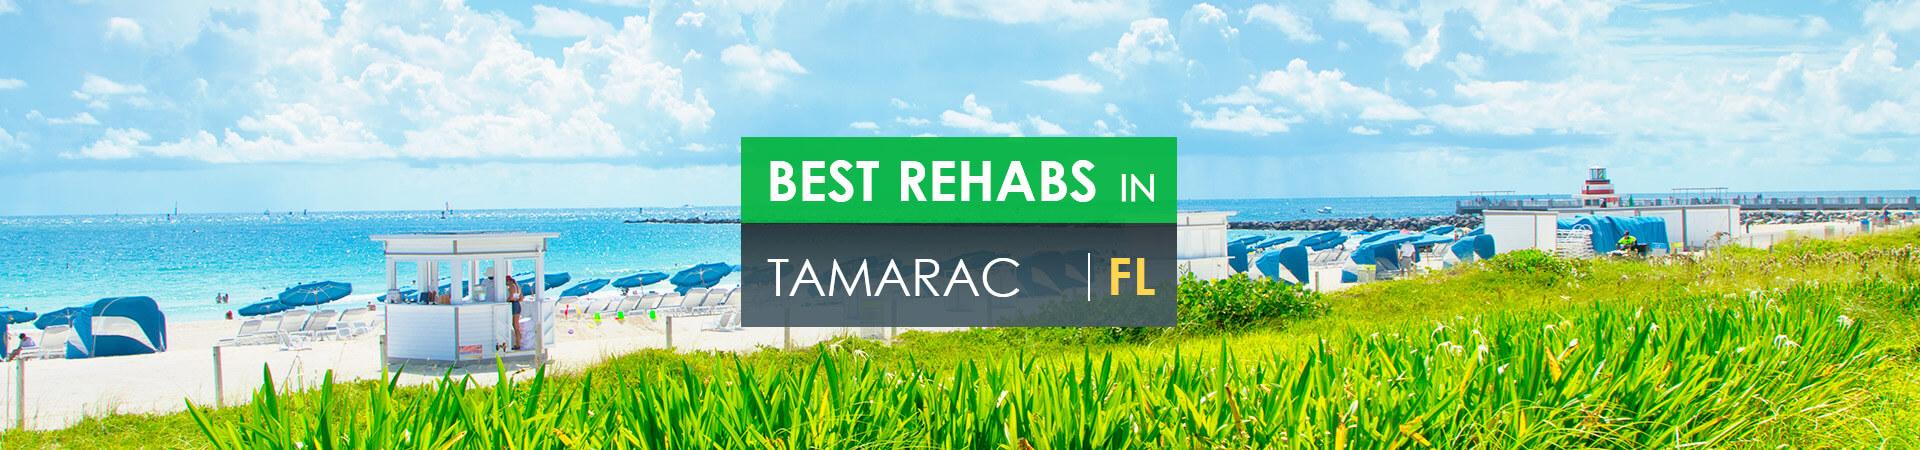 Best rehabs in Tamarac, FL